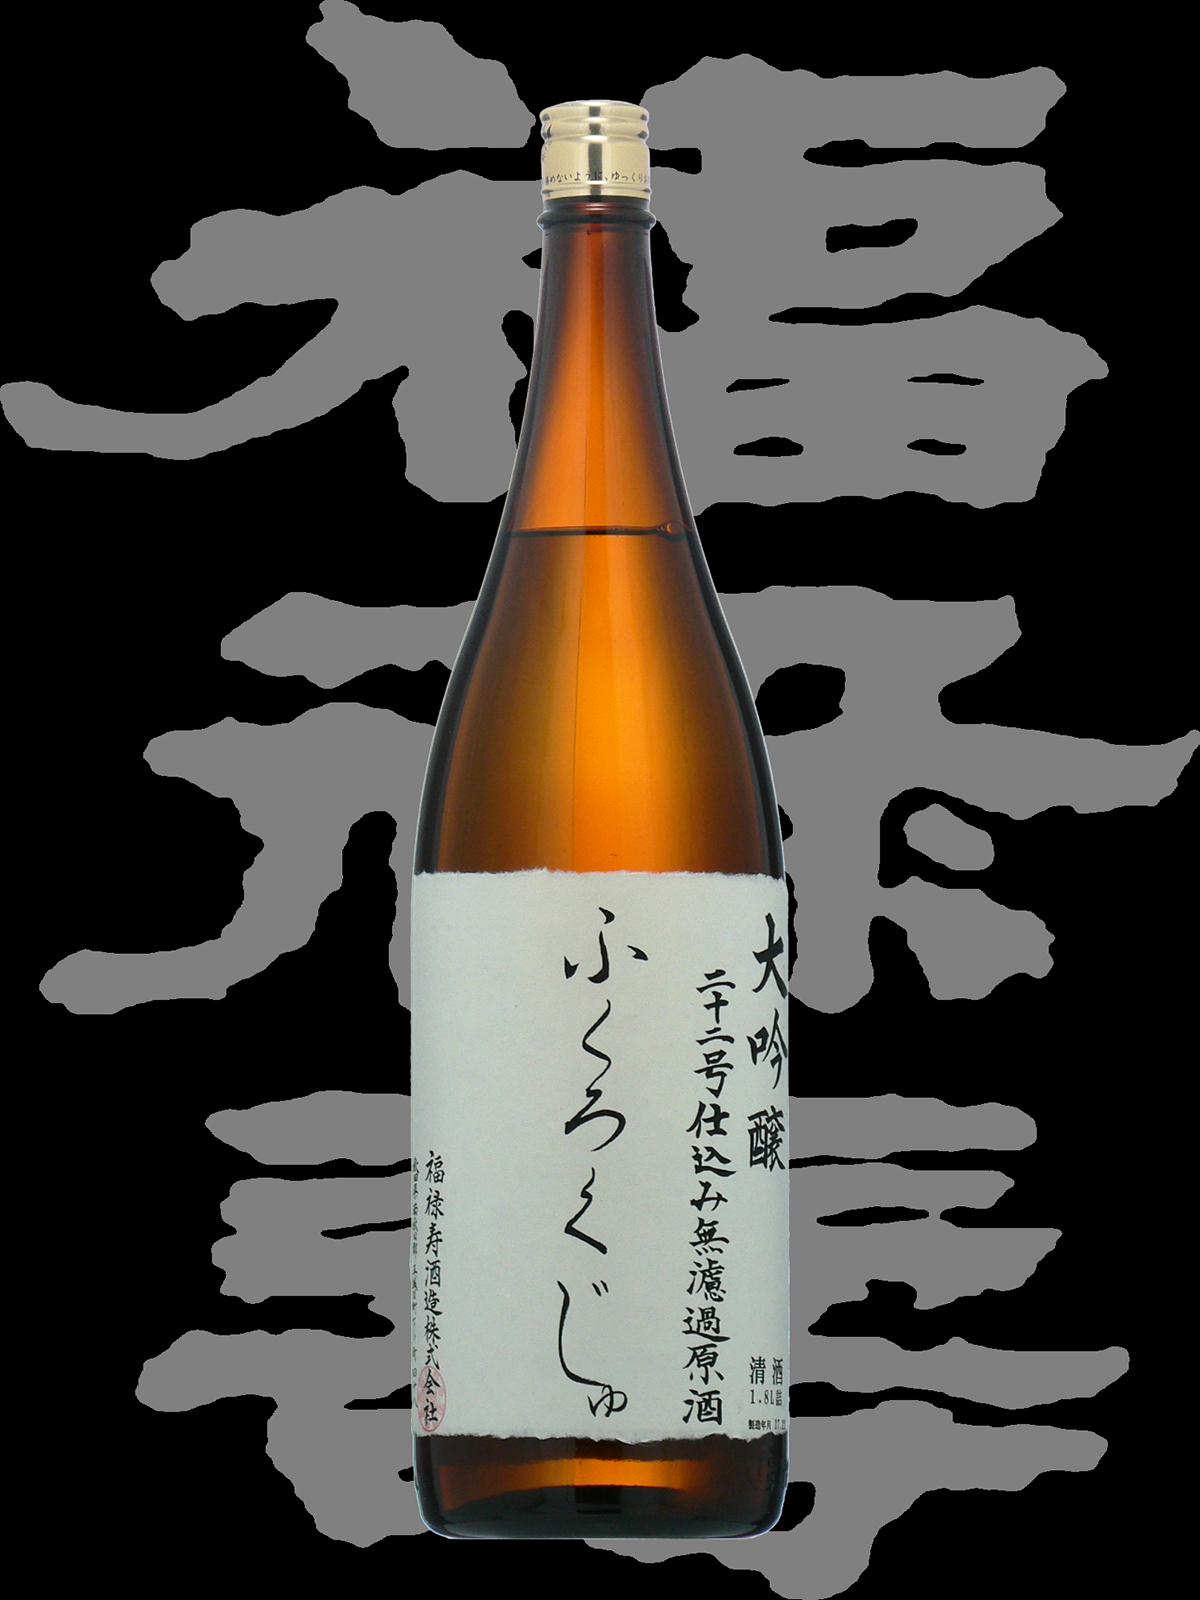 福禄寿(ふくろくじゅ)「大吟醸」無濾過原酒